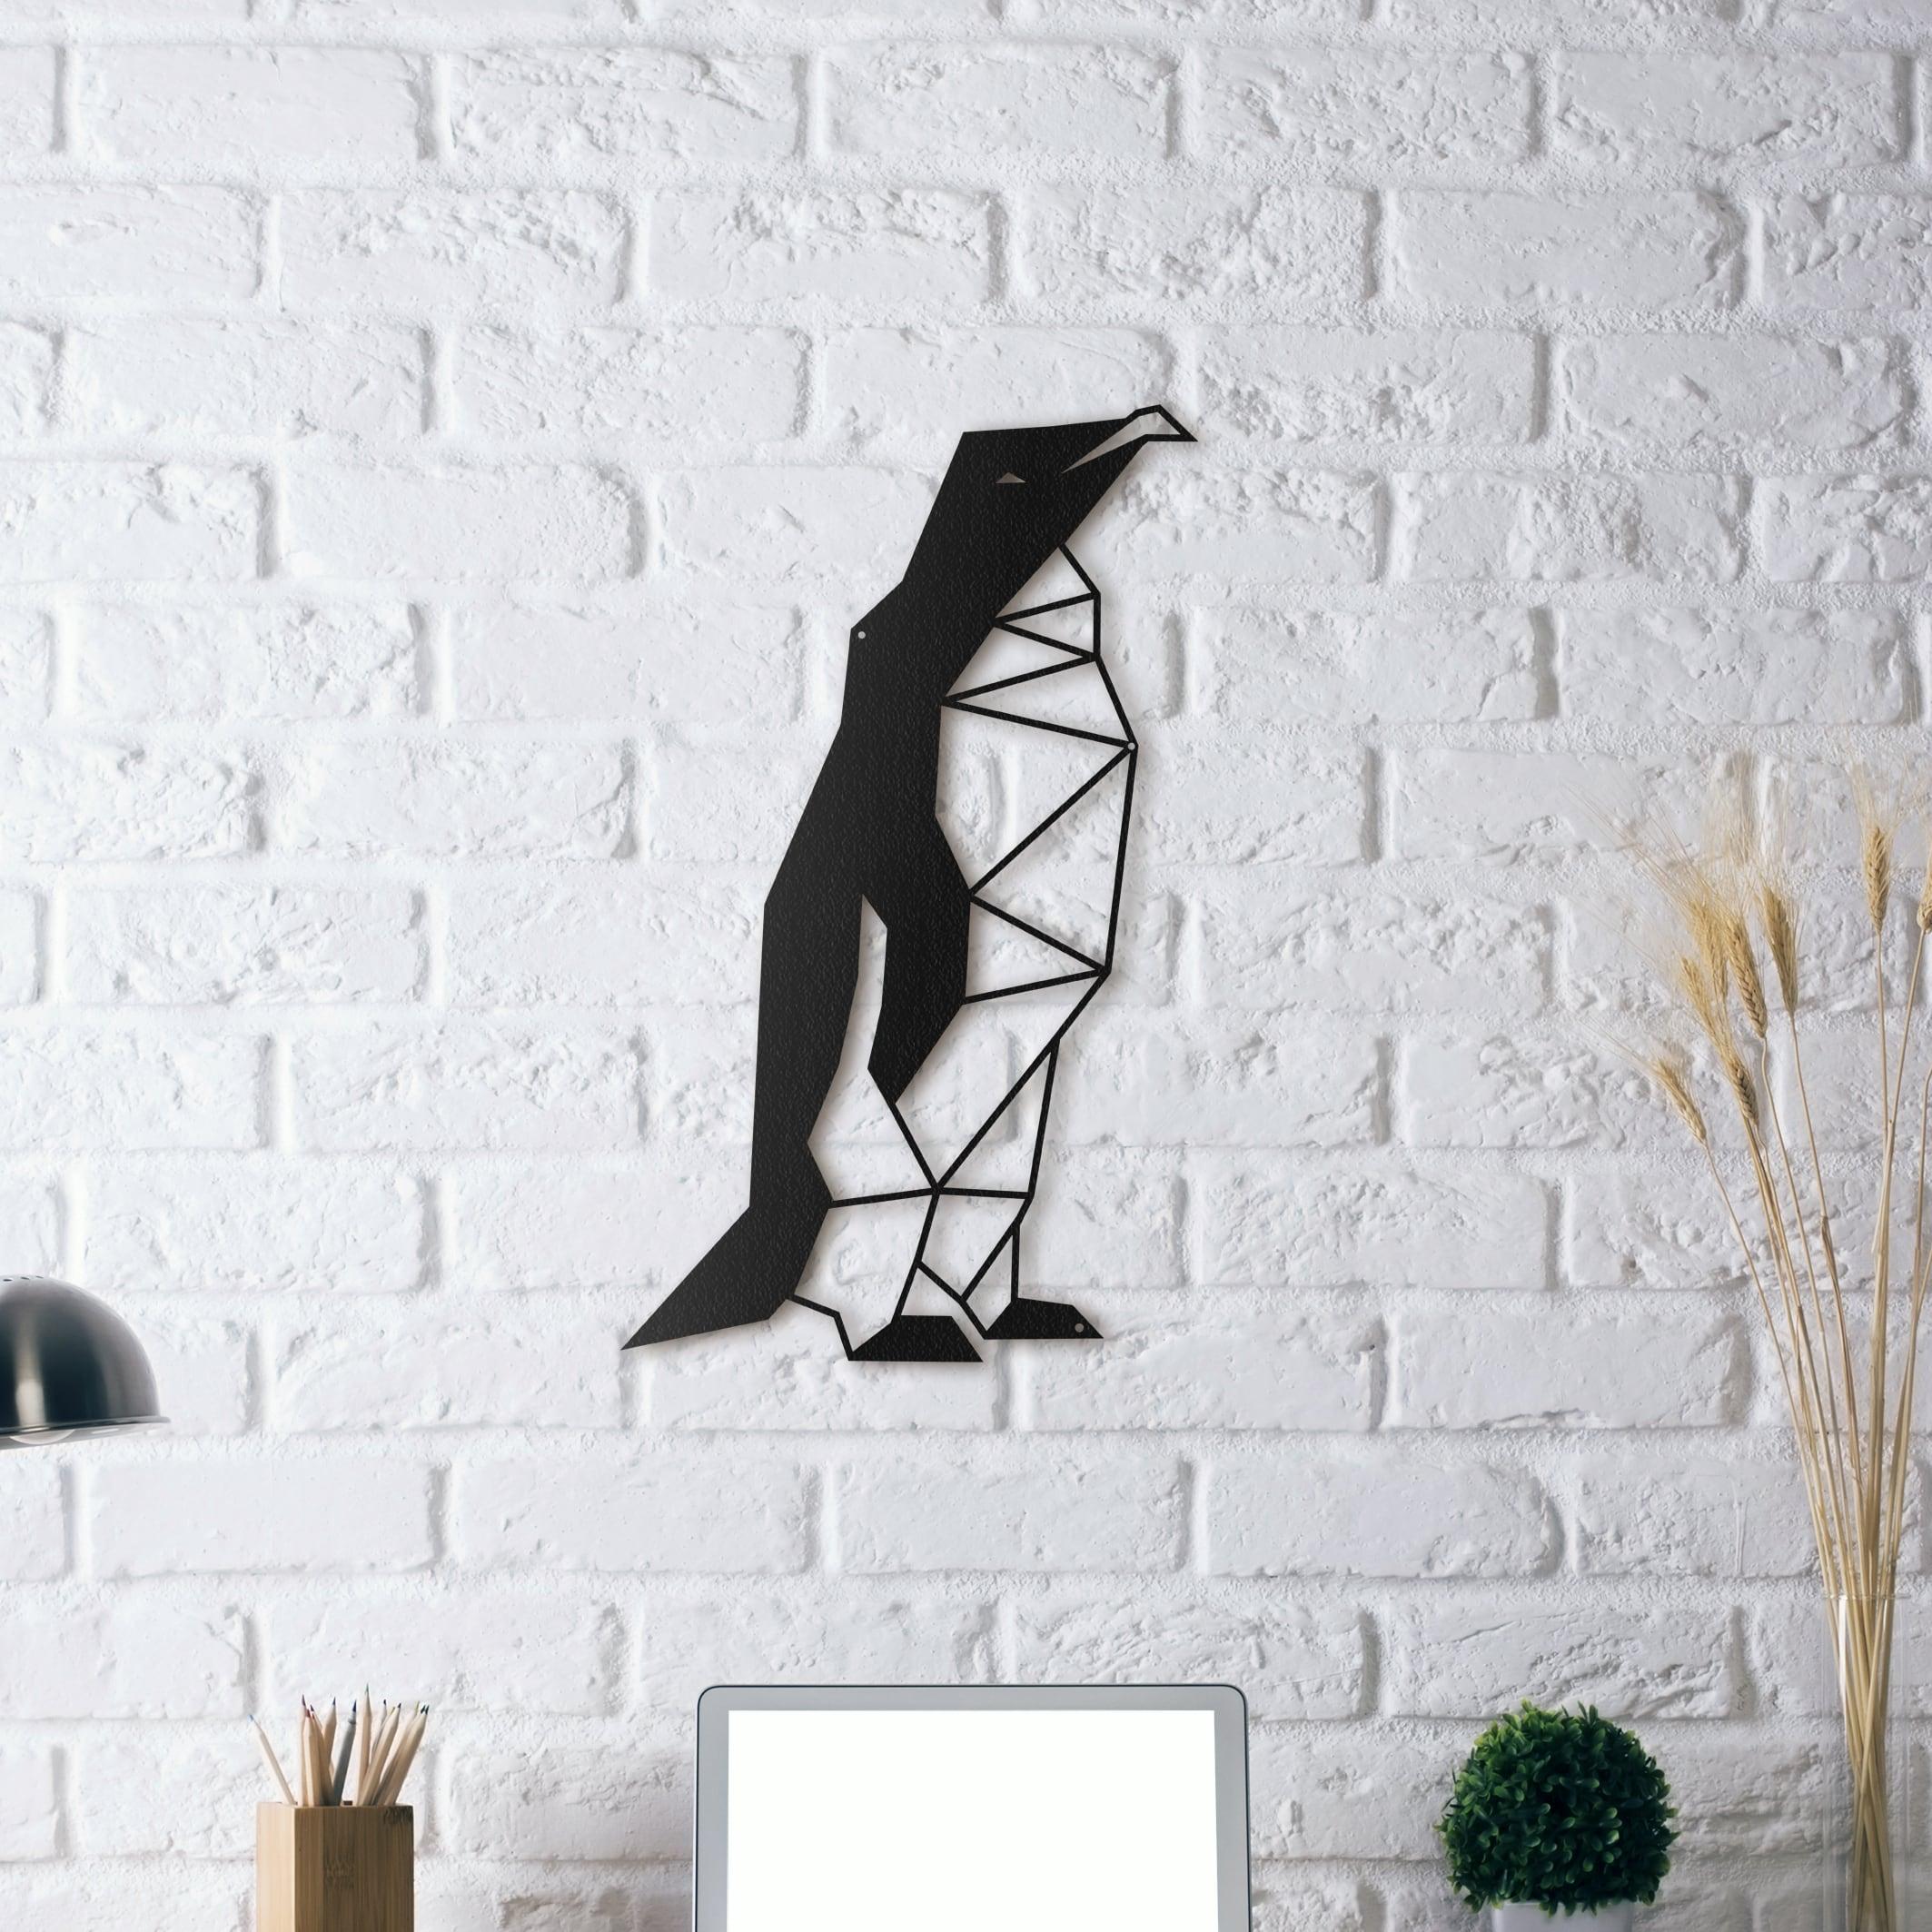 Décoration murale métallique d'un pingouin design marchant sur la banquise